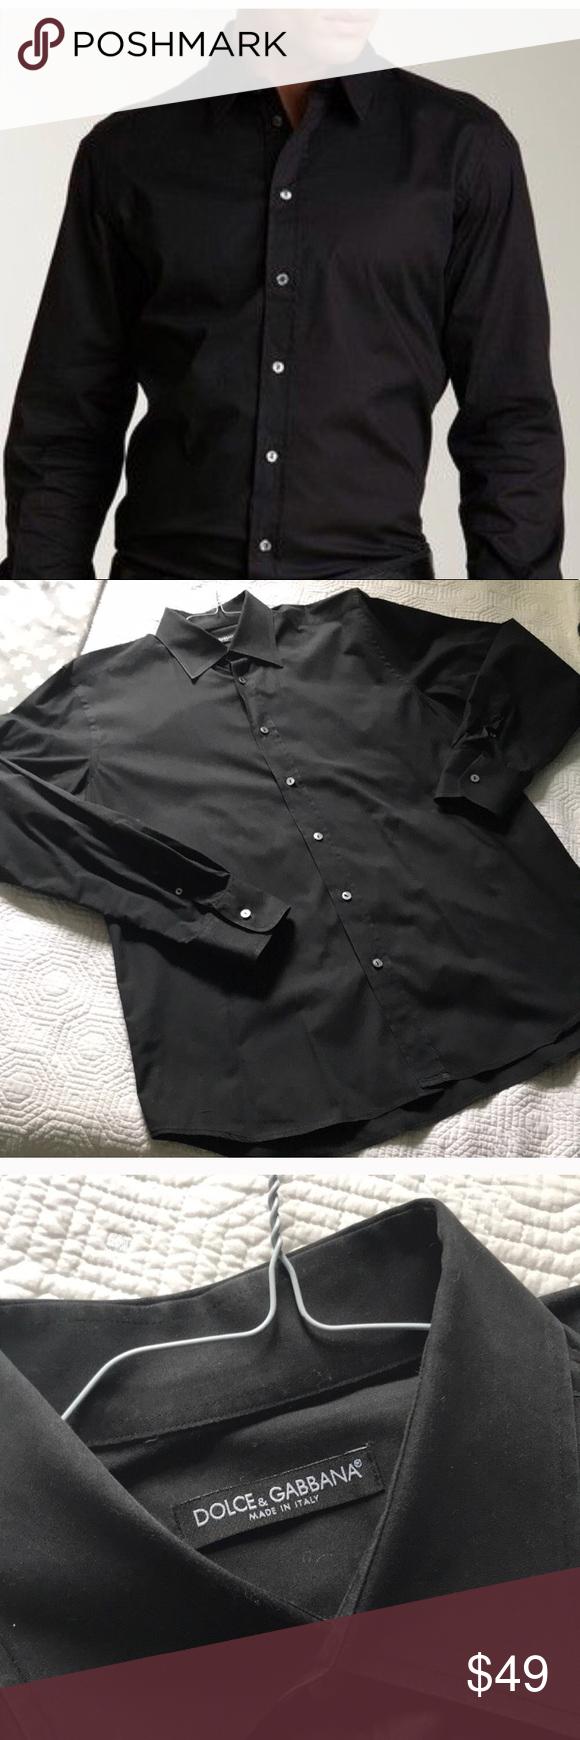 Men S Dolce Gabbana Button Down Dress Shirt Dolce And Gabbana Shirts Dolce And Gabbana Black Shirt Dress [ 1740 x 580 Pixel ]